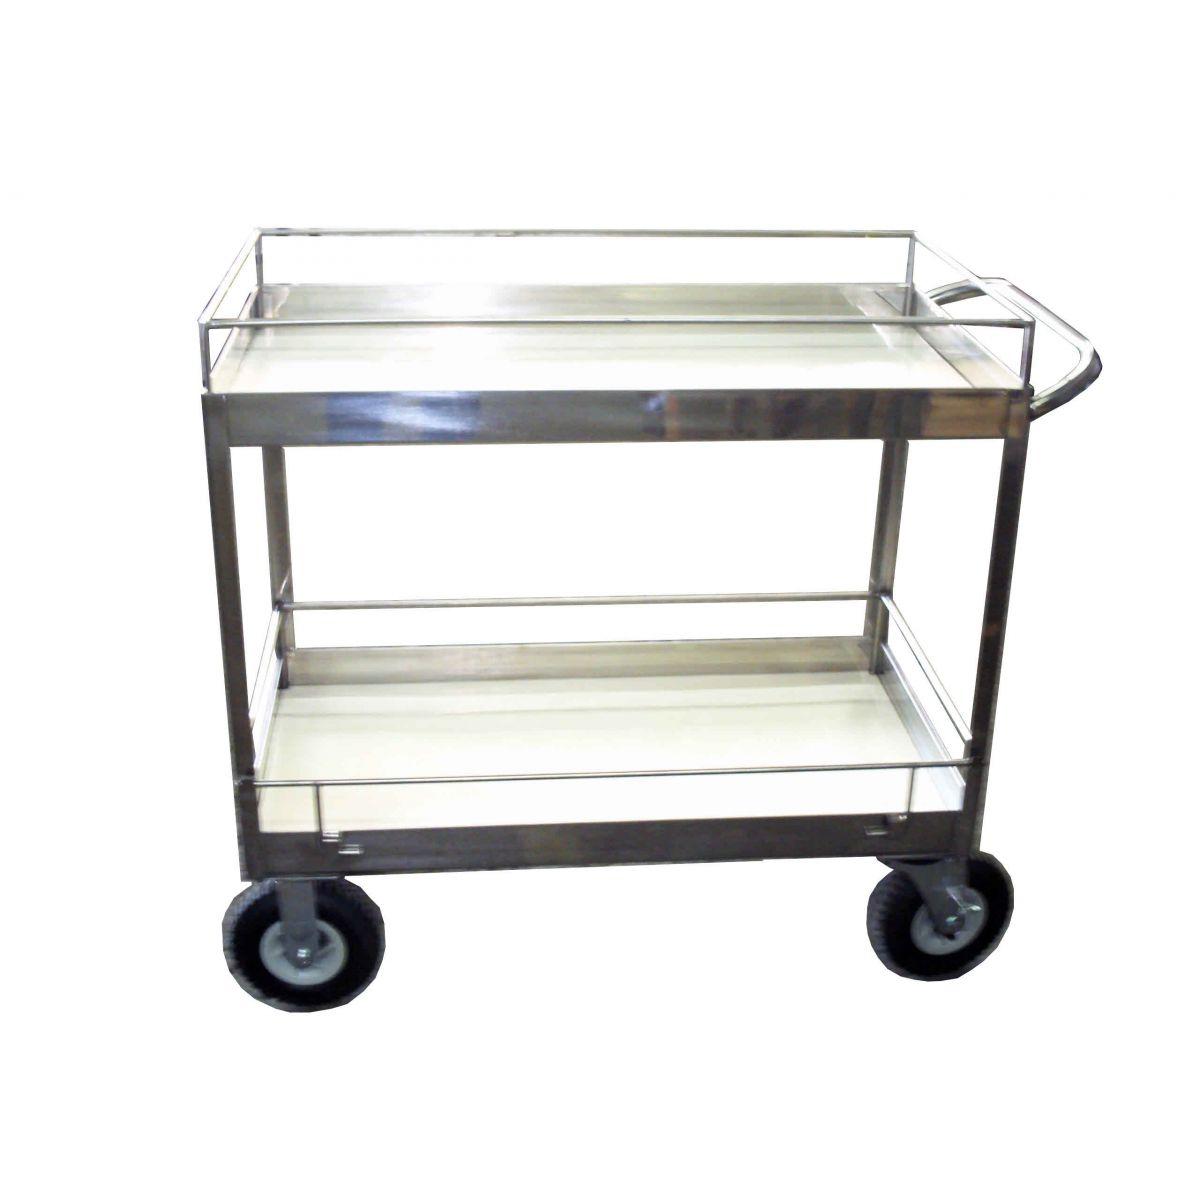 Carrinho para Vidraria  em aço inox  - Fábrica de Carrinhos em Aço Inoxidável